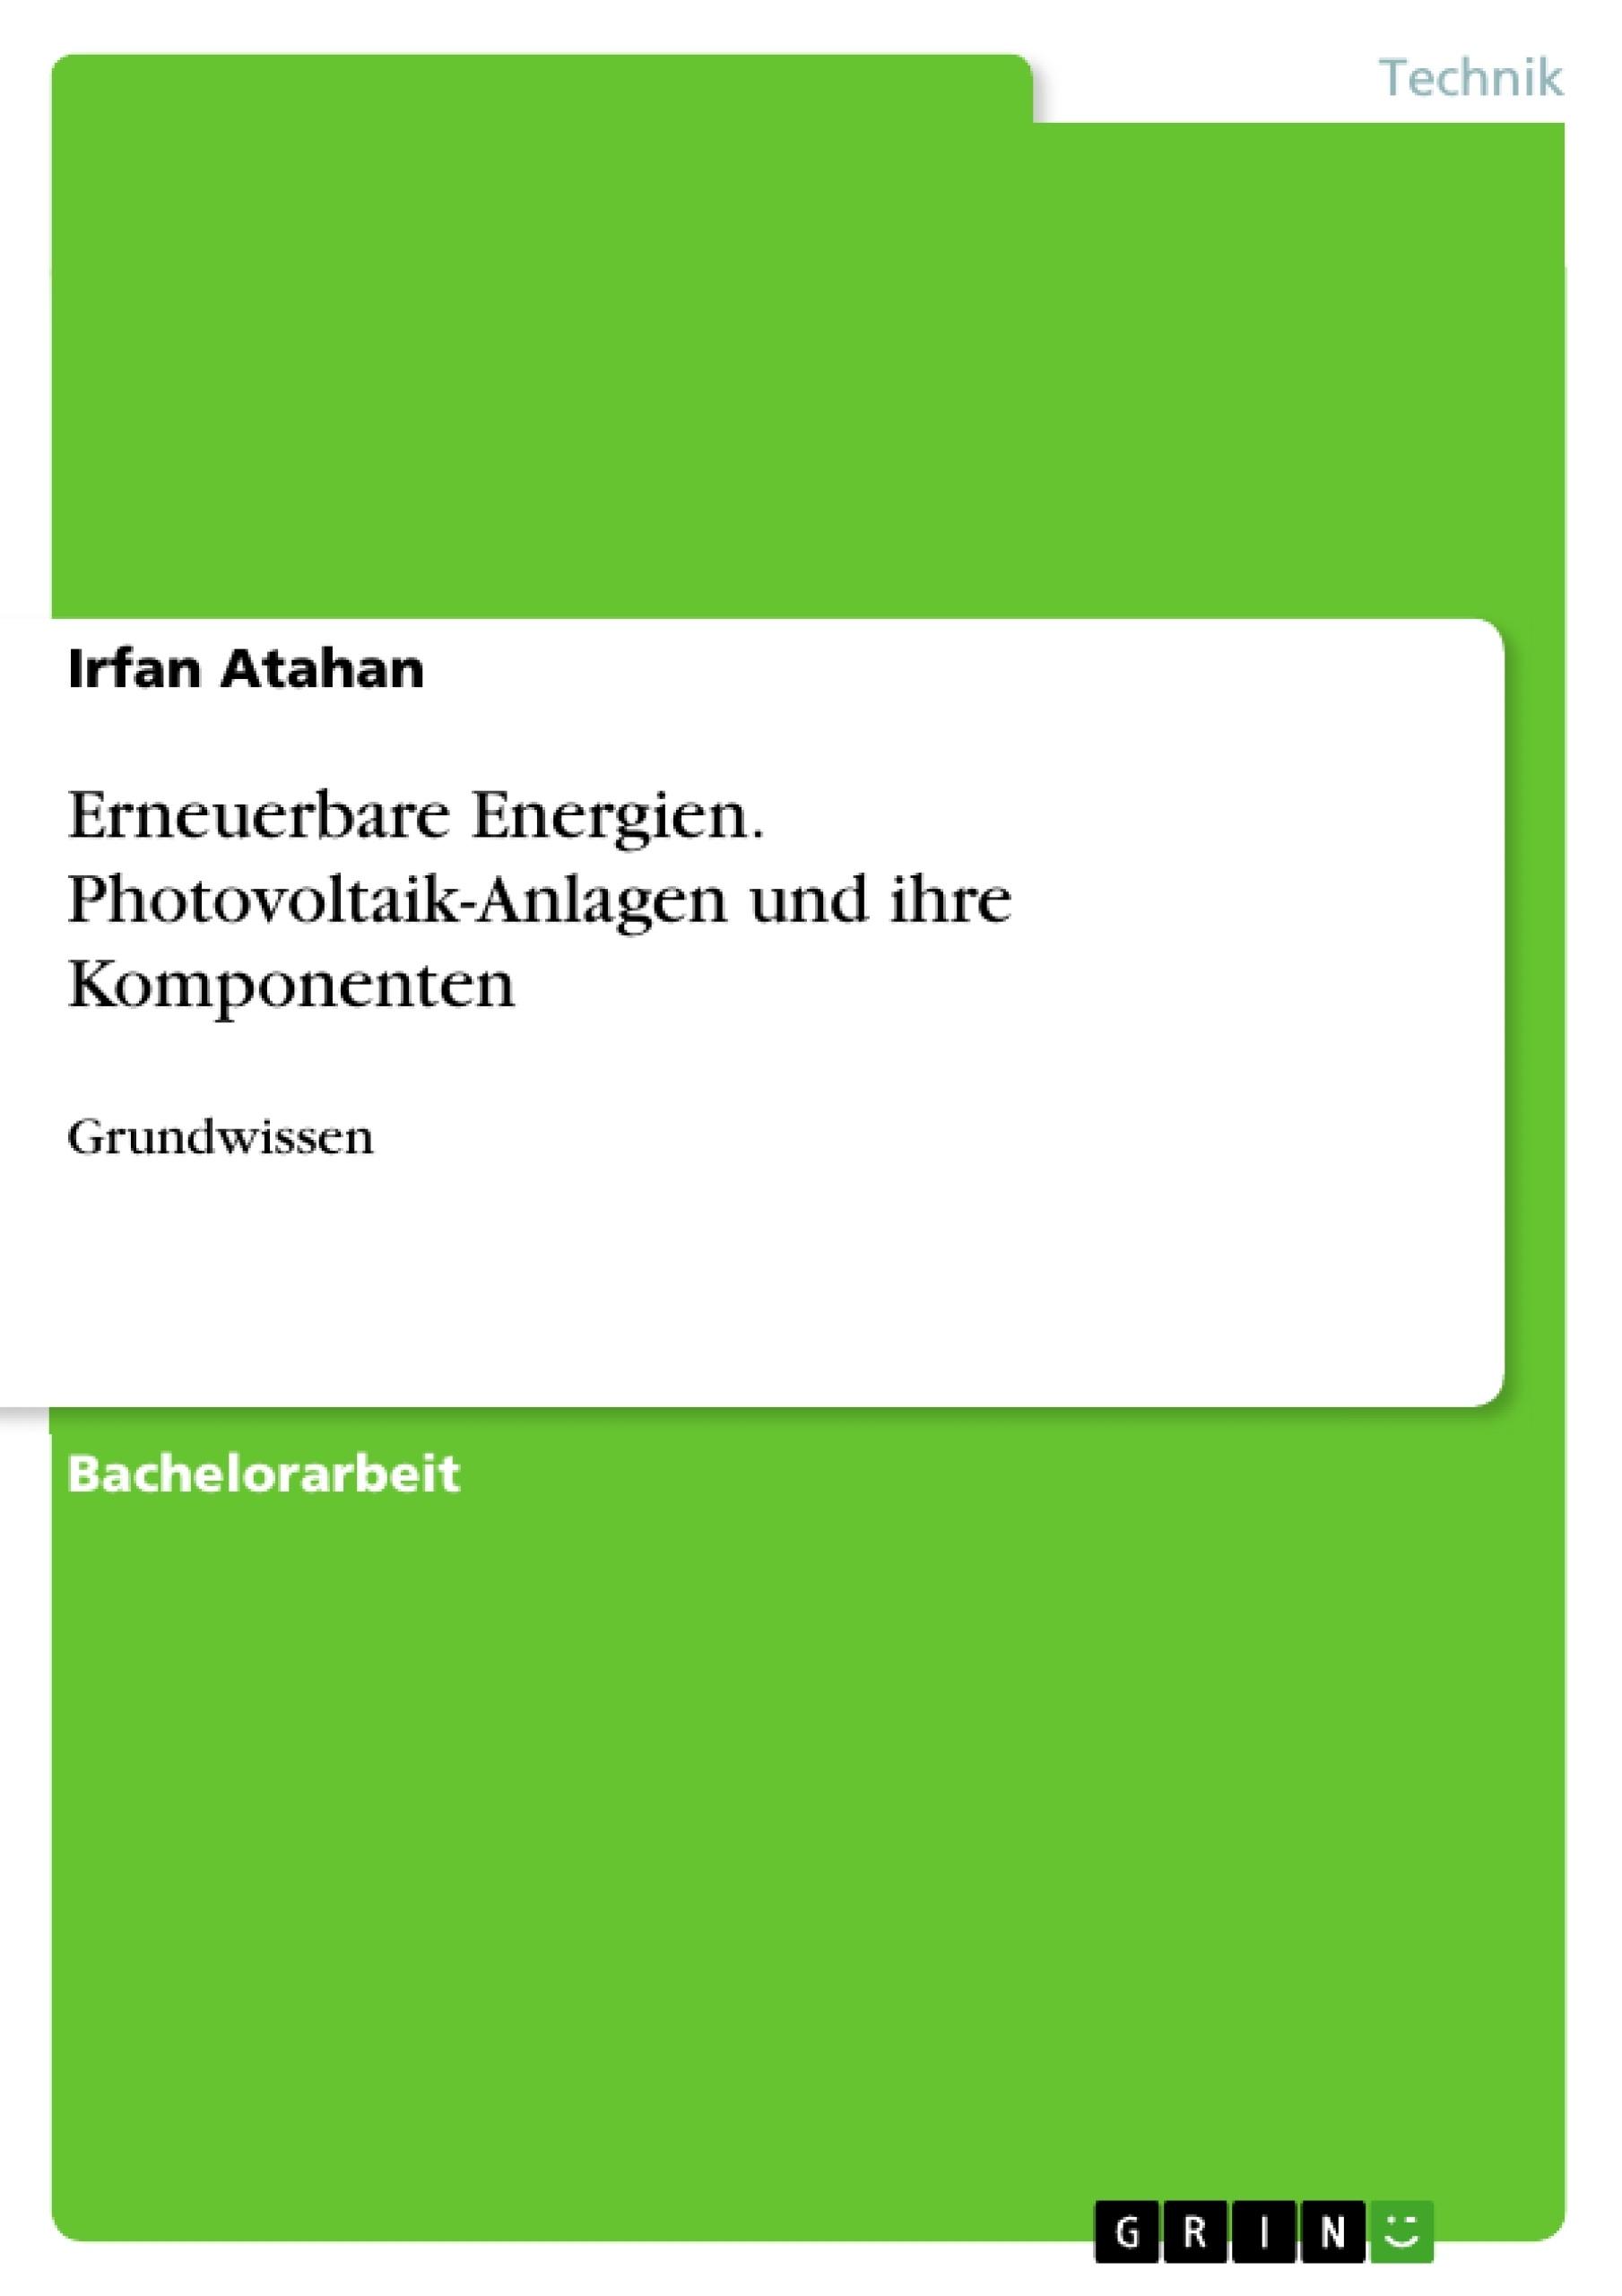 Berühmt Maschendraht Plattformgeländerdesigns Fotos - Elektrische ...